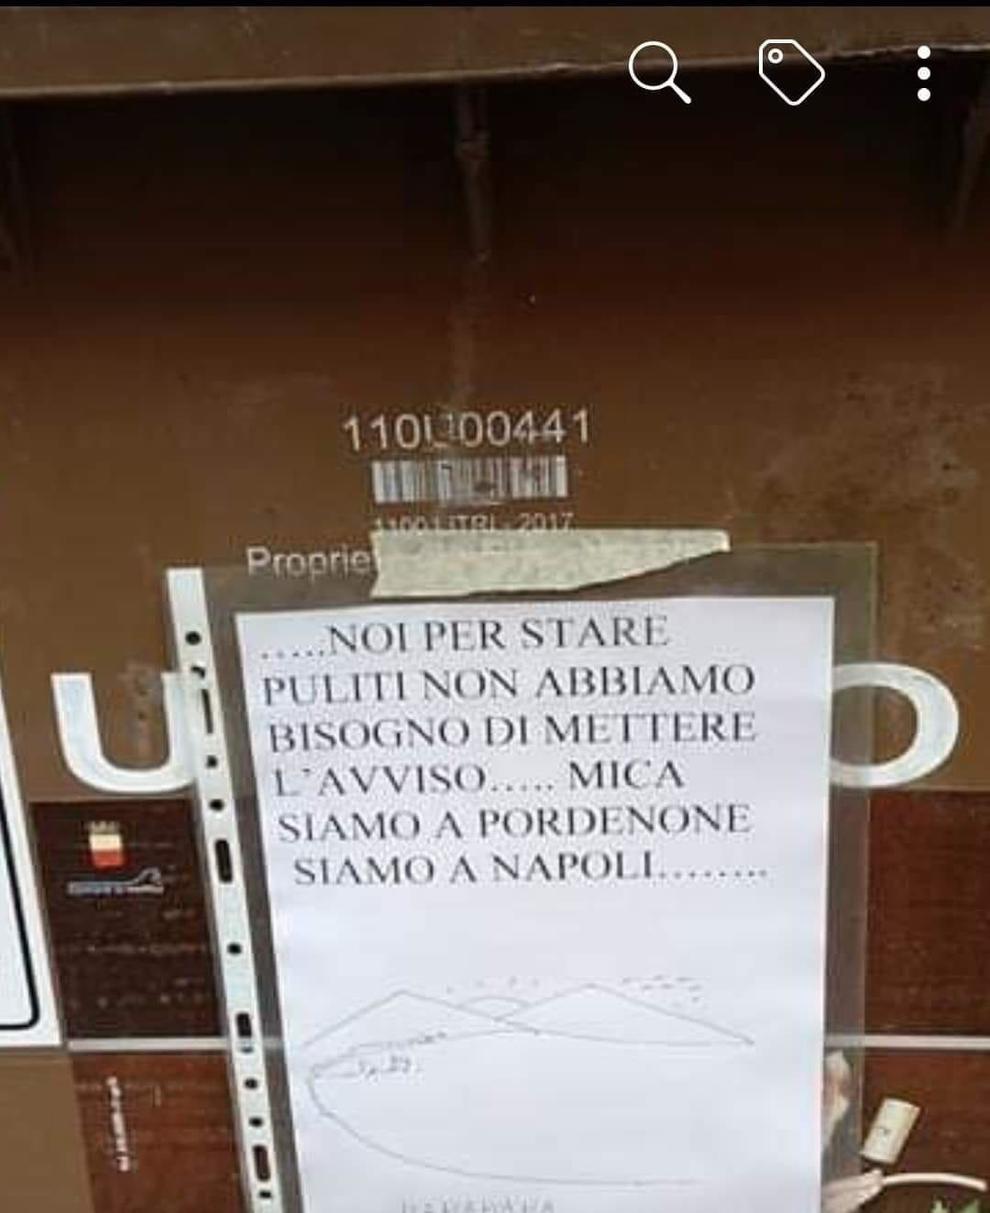 Rifiuti, l'ironica risposta dei napoletani ?a Pordenone diventa virale